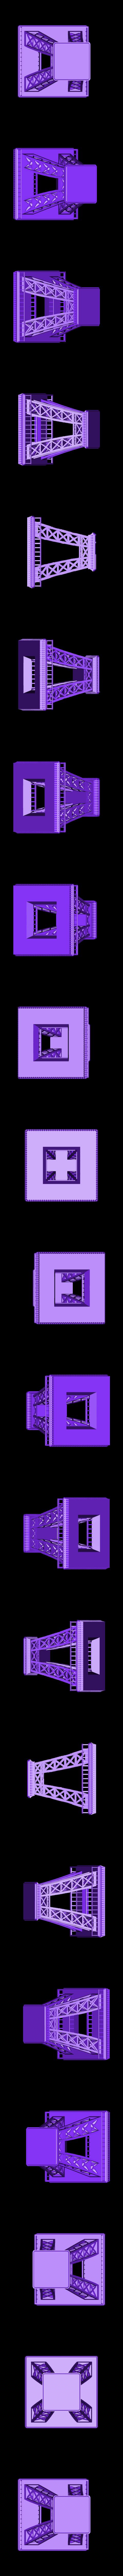 Eiff_2.stl Télécharger fichier STL gratuit Eiffel Tower Model • Objet pour imprimante 3D, Roger